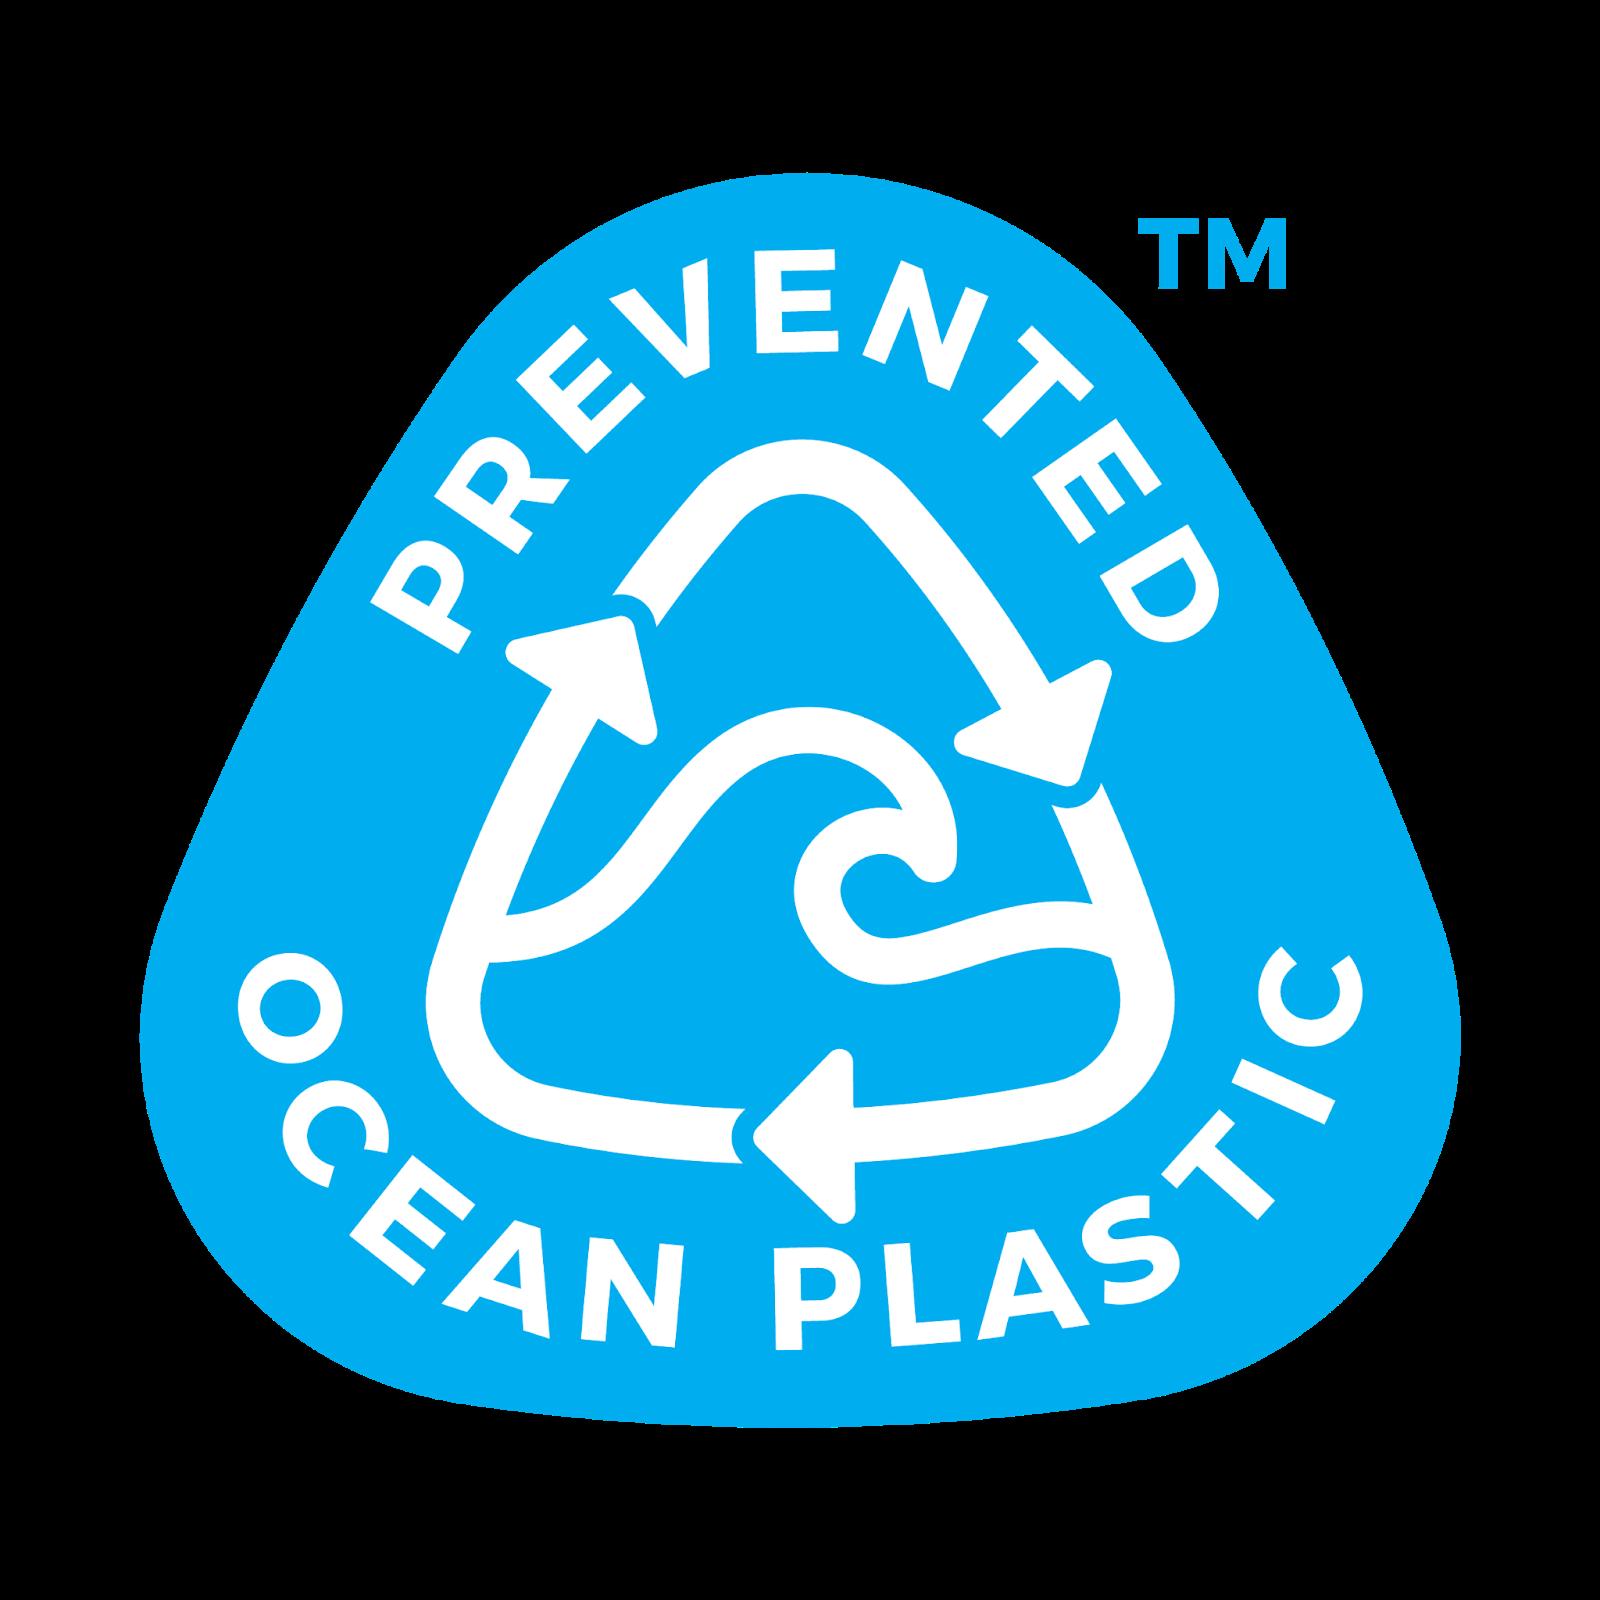 Prevented Ocean Plastic logo